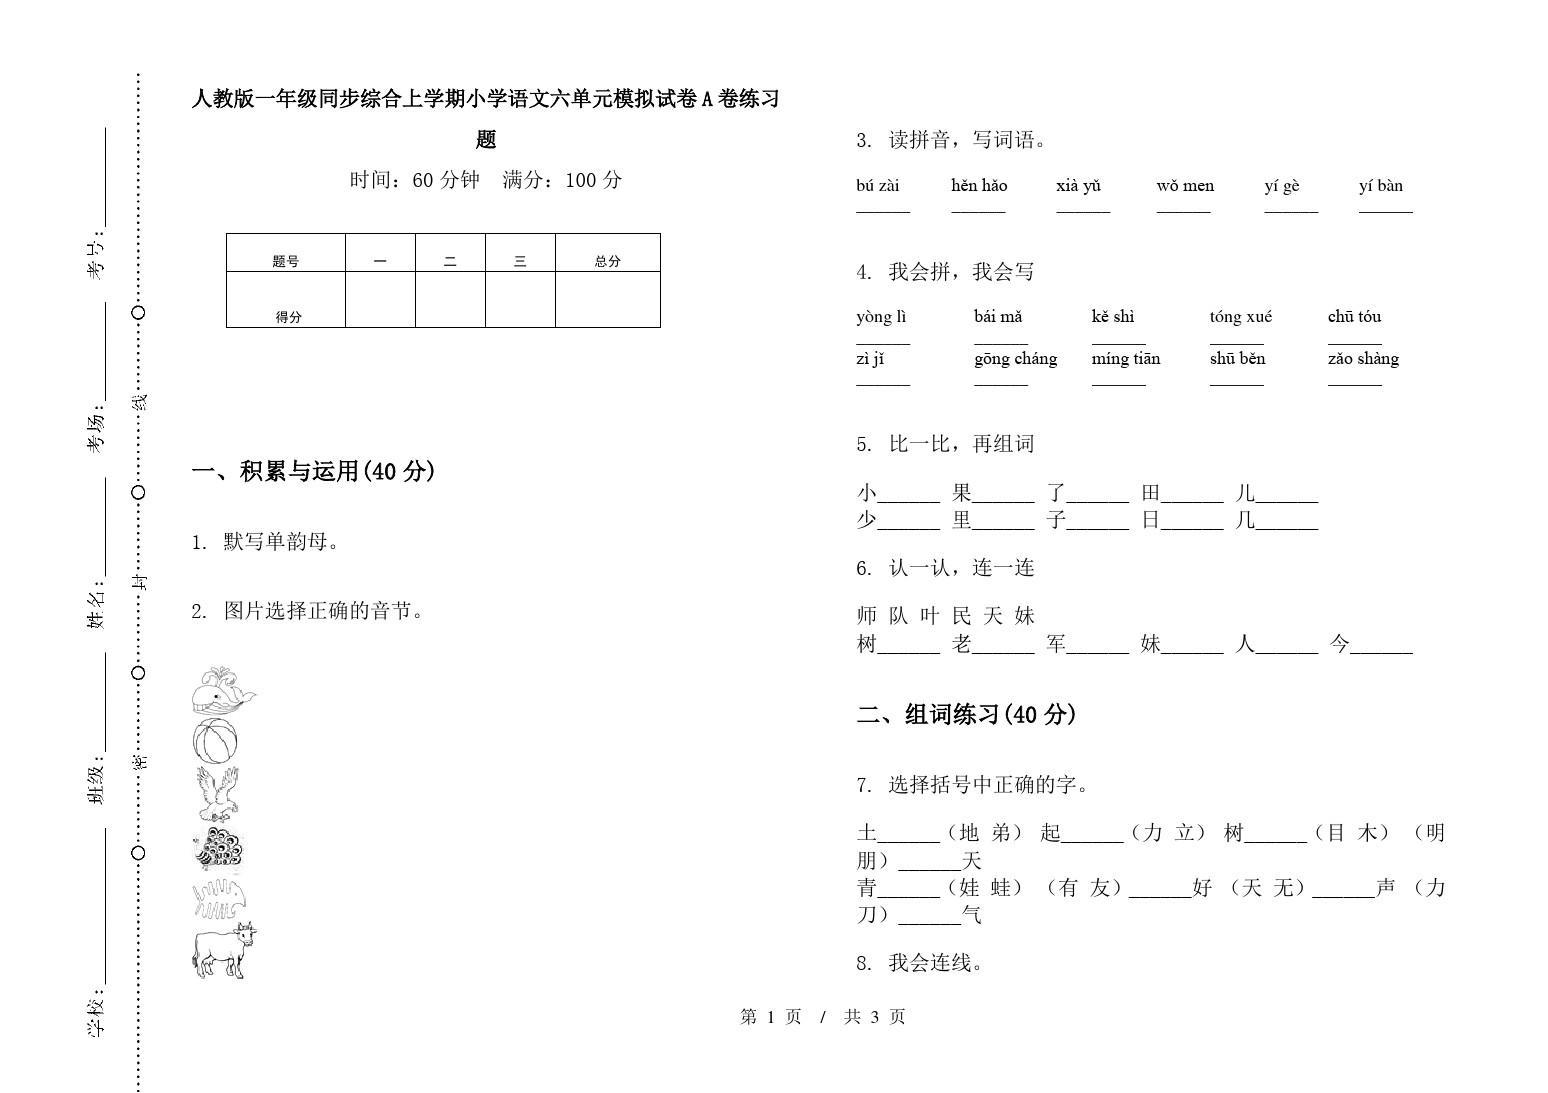 人教版一年级同步综合上学期小学语文六单元模拟试卷A卷练习题